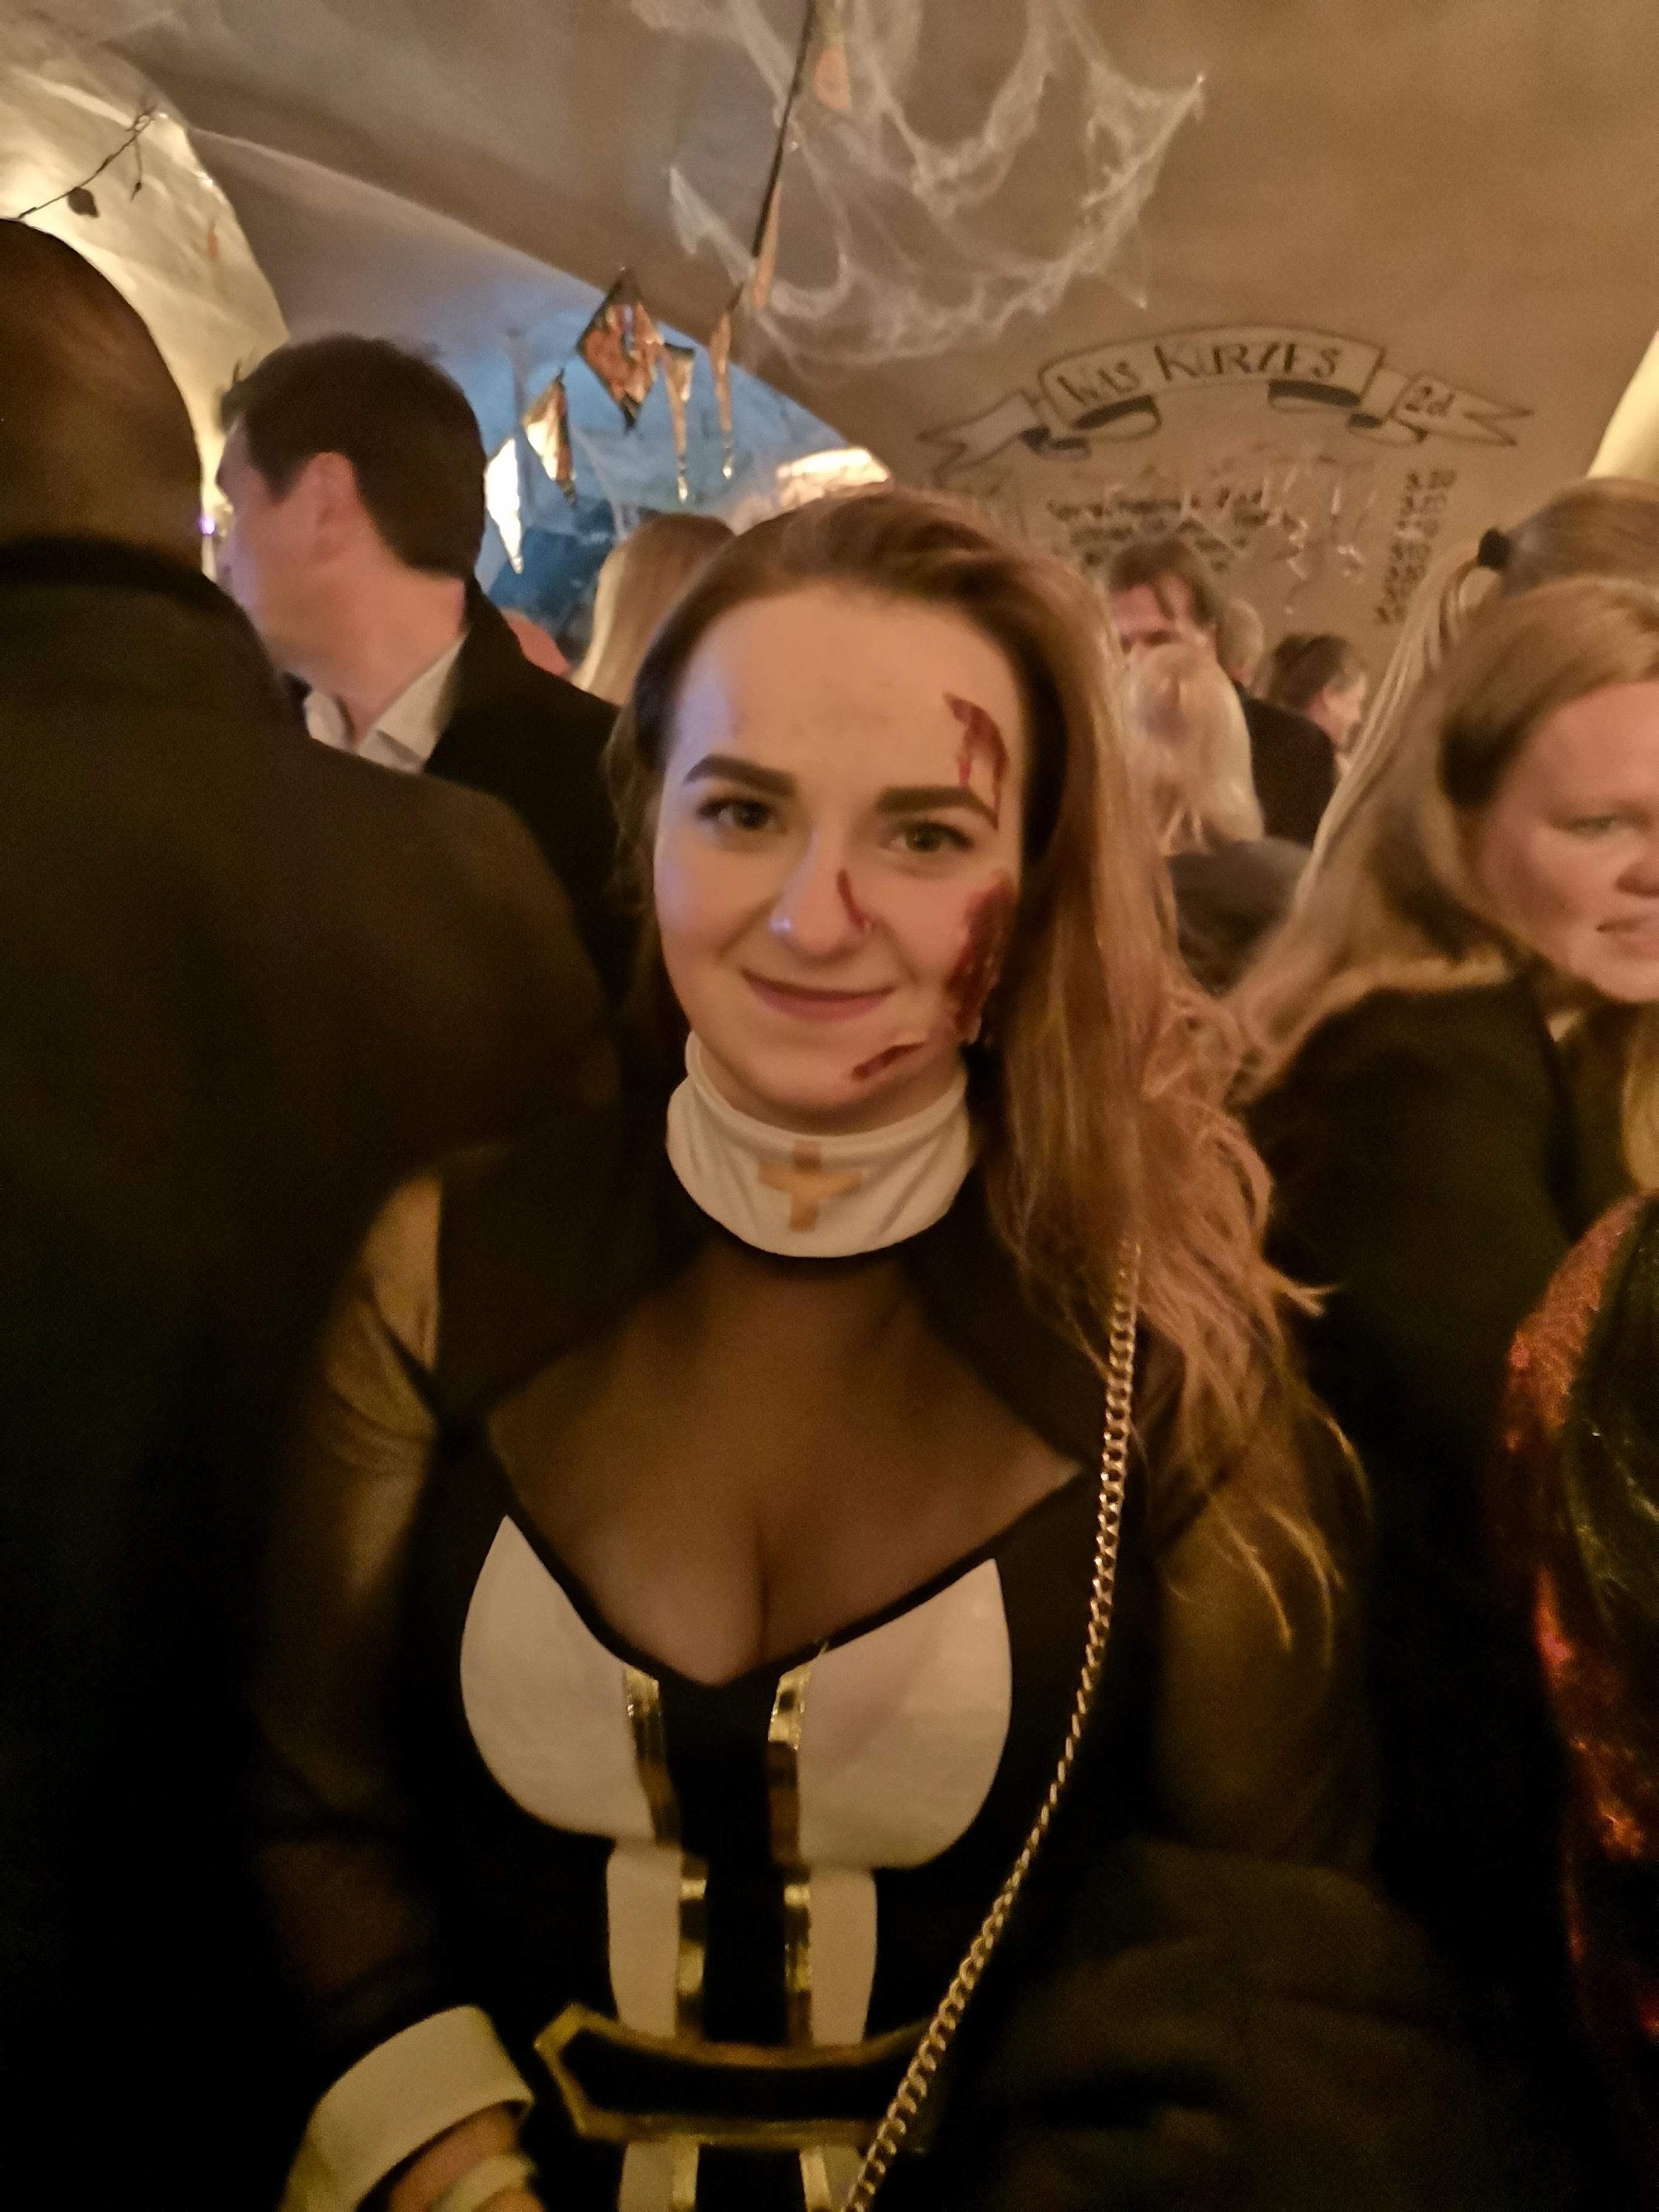 Die Nonne hats erwischt!